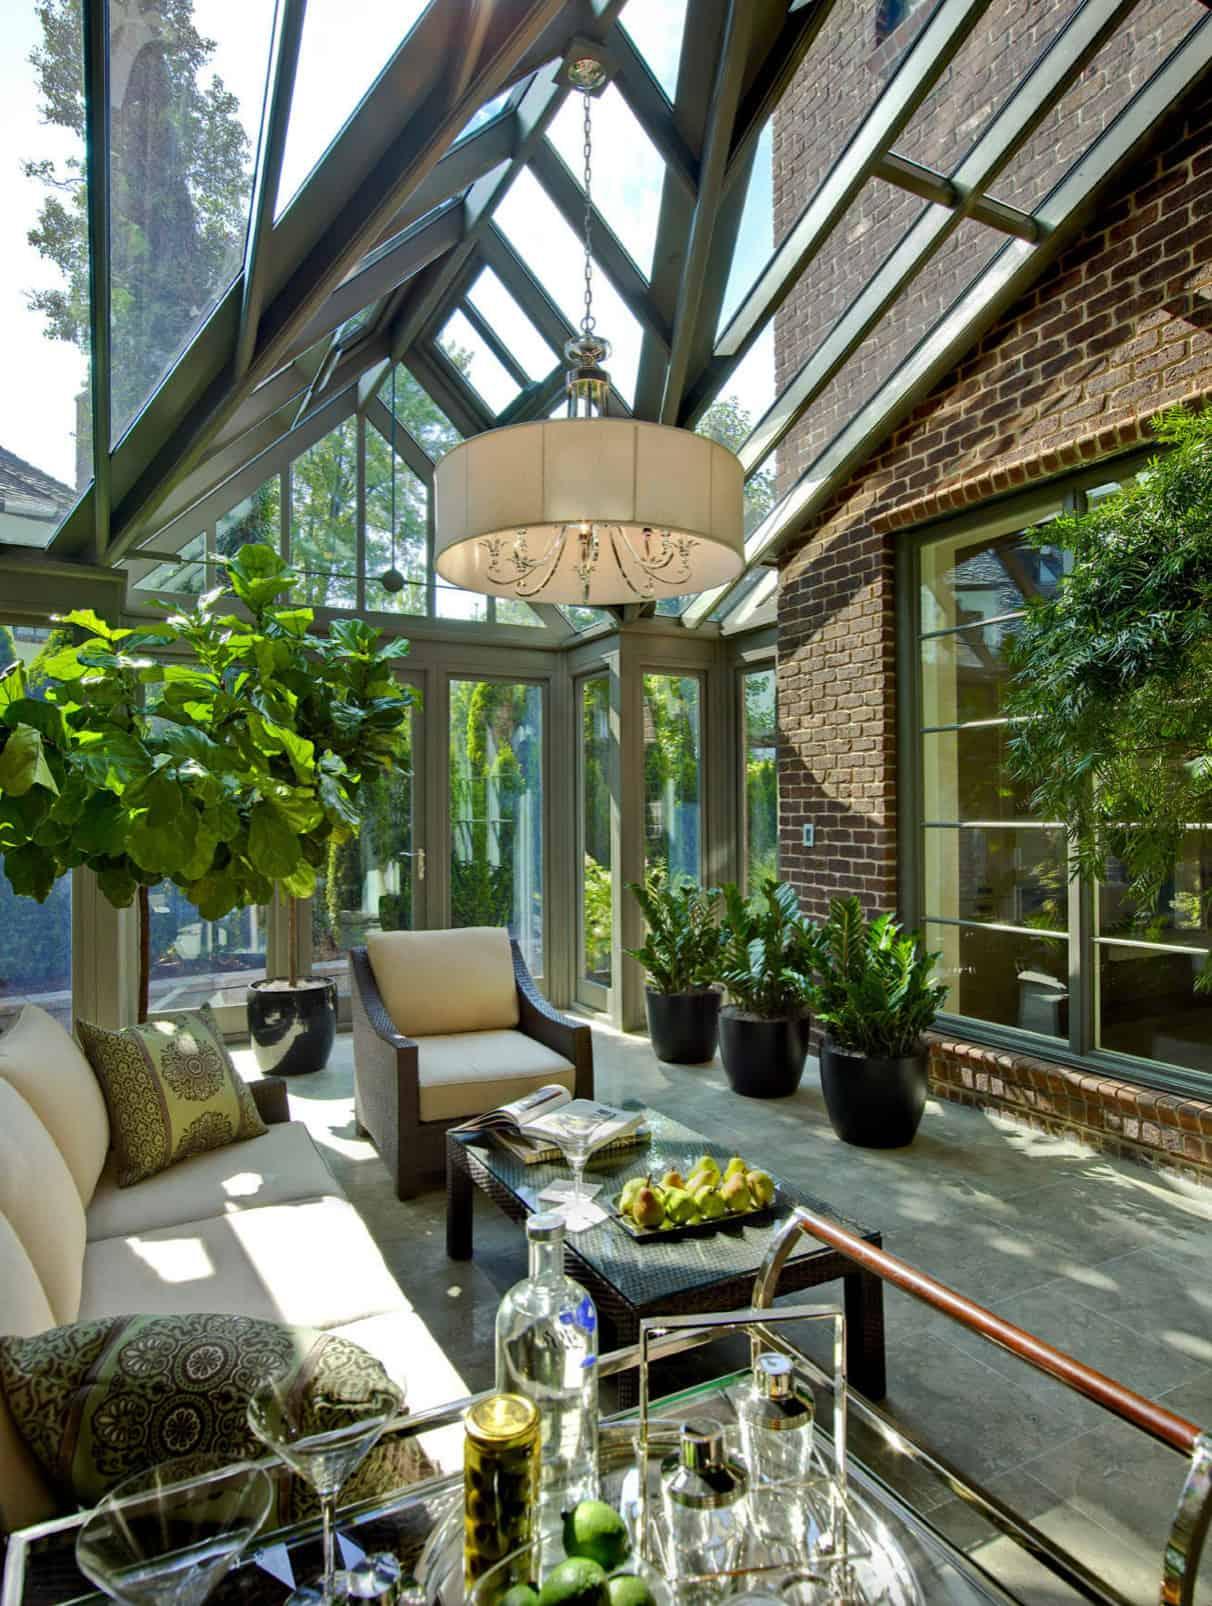 solarium-enclosed-porch-design